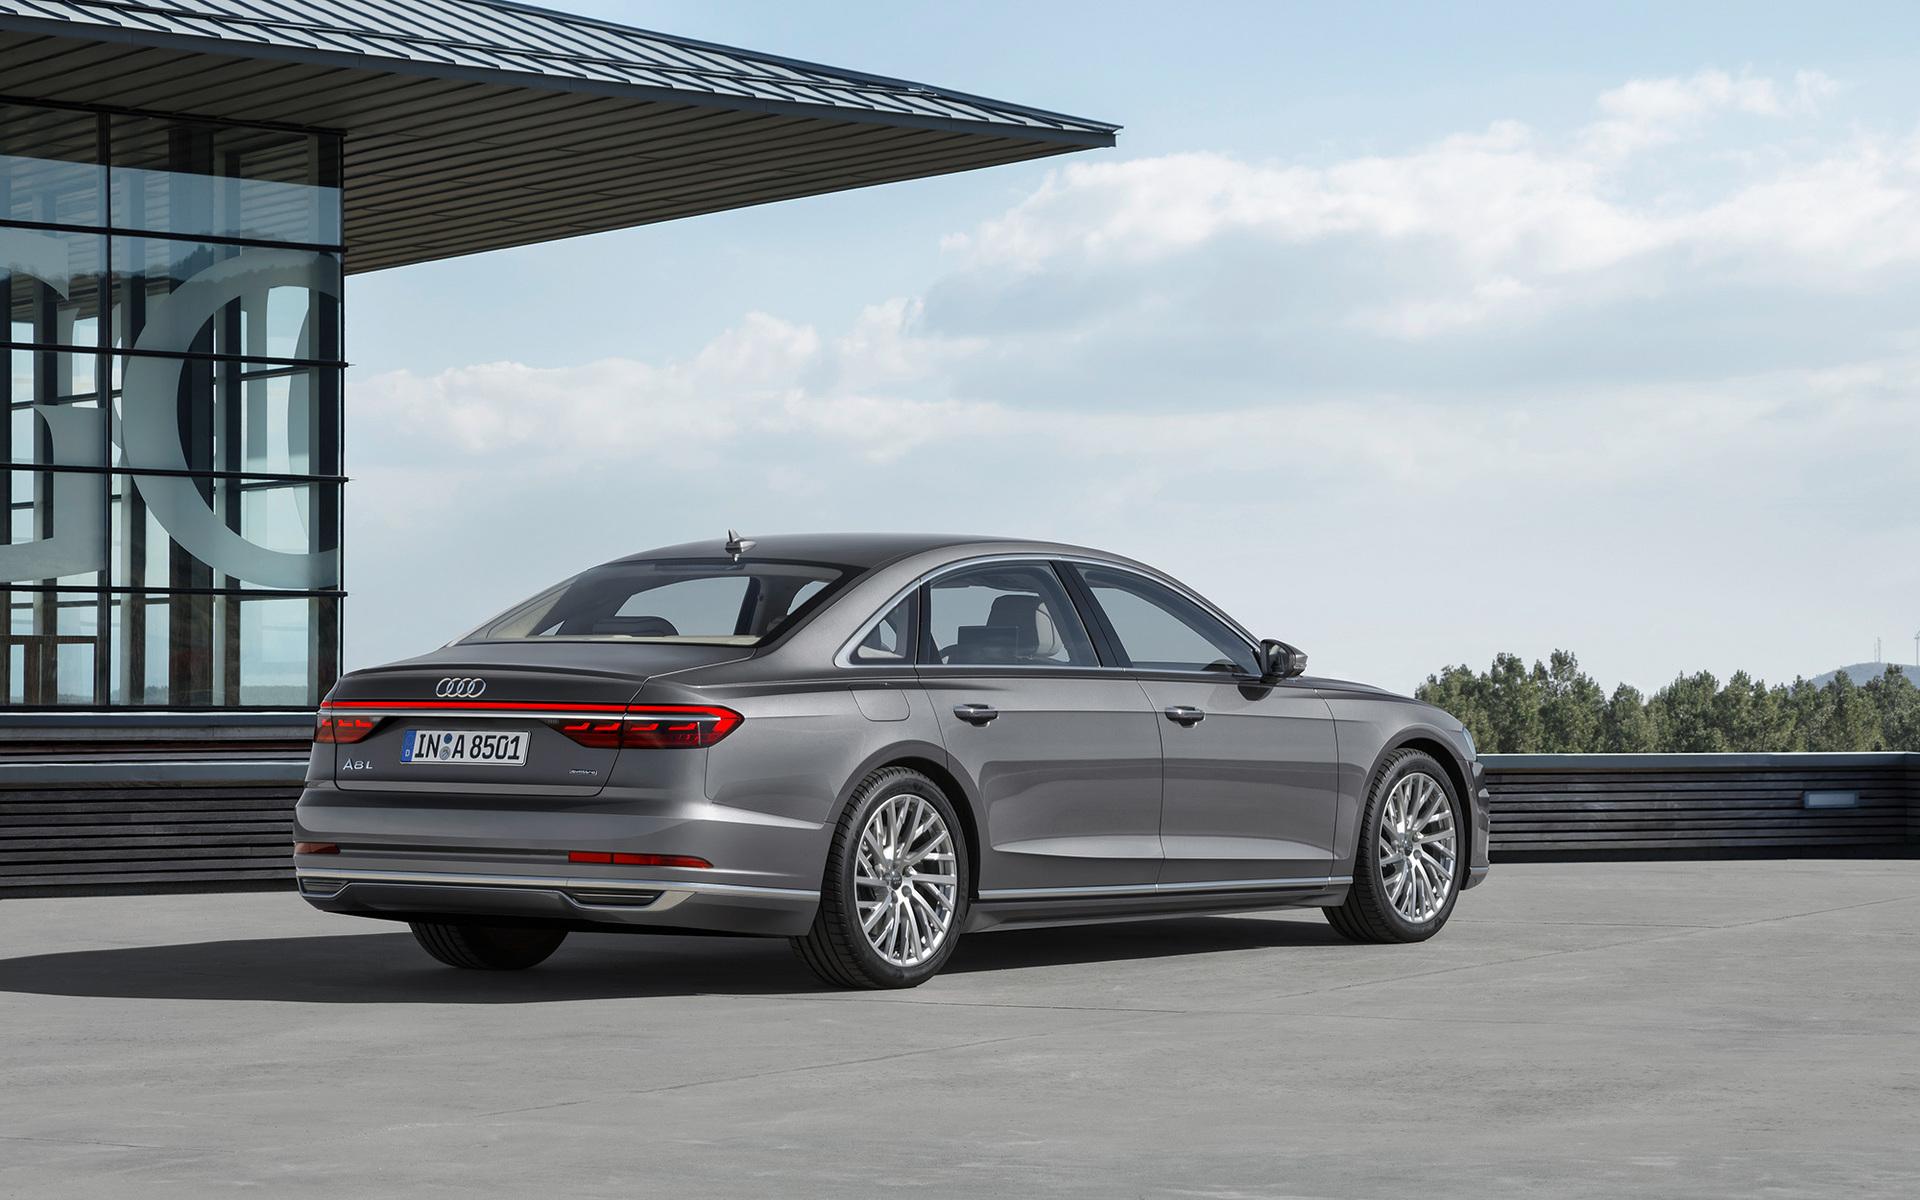 Audi A8L 2017